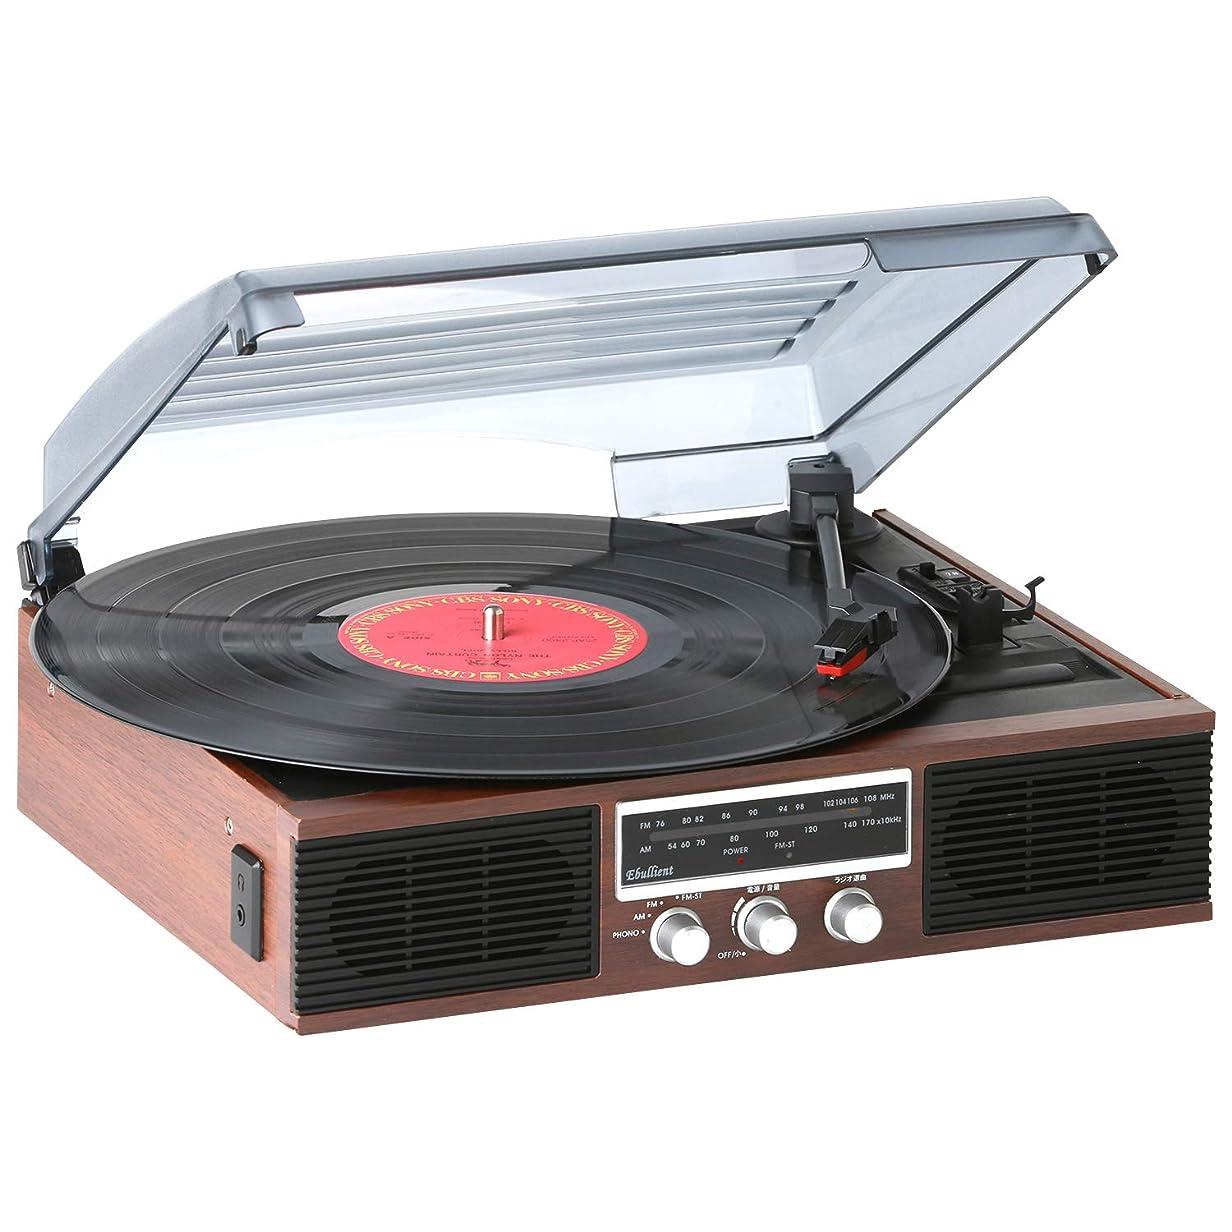 ライラック注意フィルタとうしょう 木目調 レコードプレーヤー コンパクト (AM/FMラジオ (ワイドFM対応)) 簡単操作 ブラウン TT-138(BR)